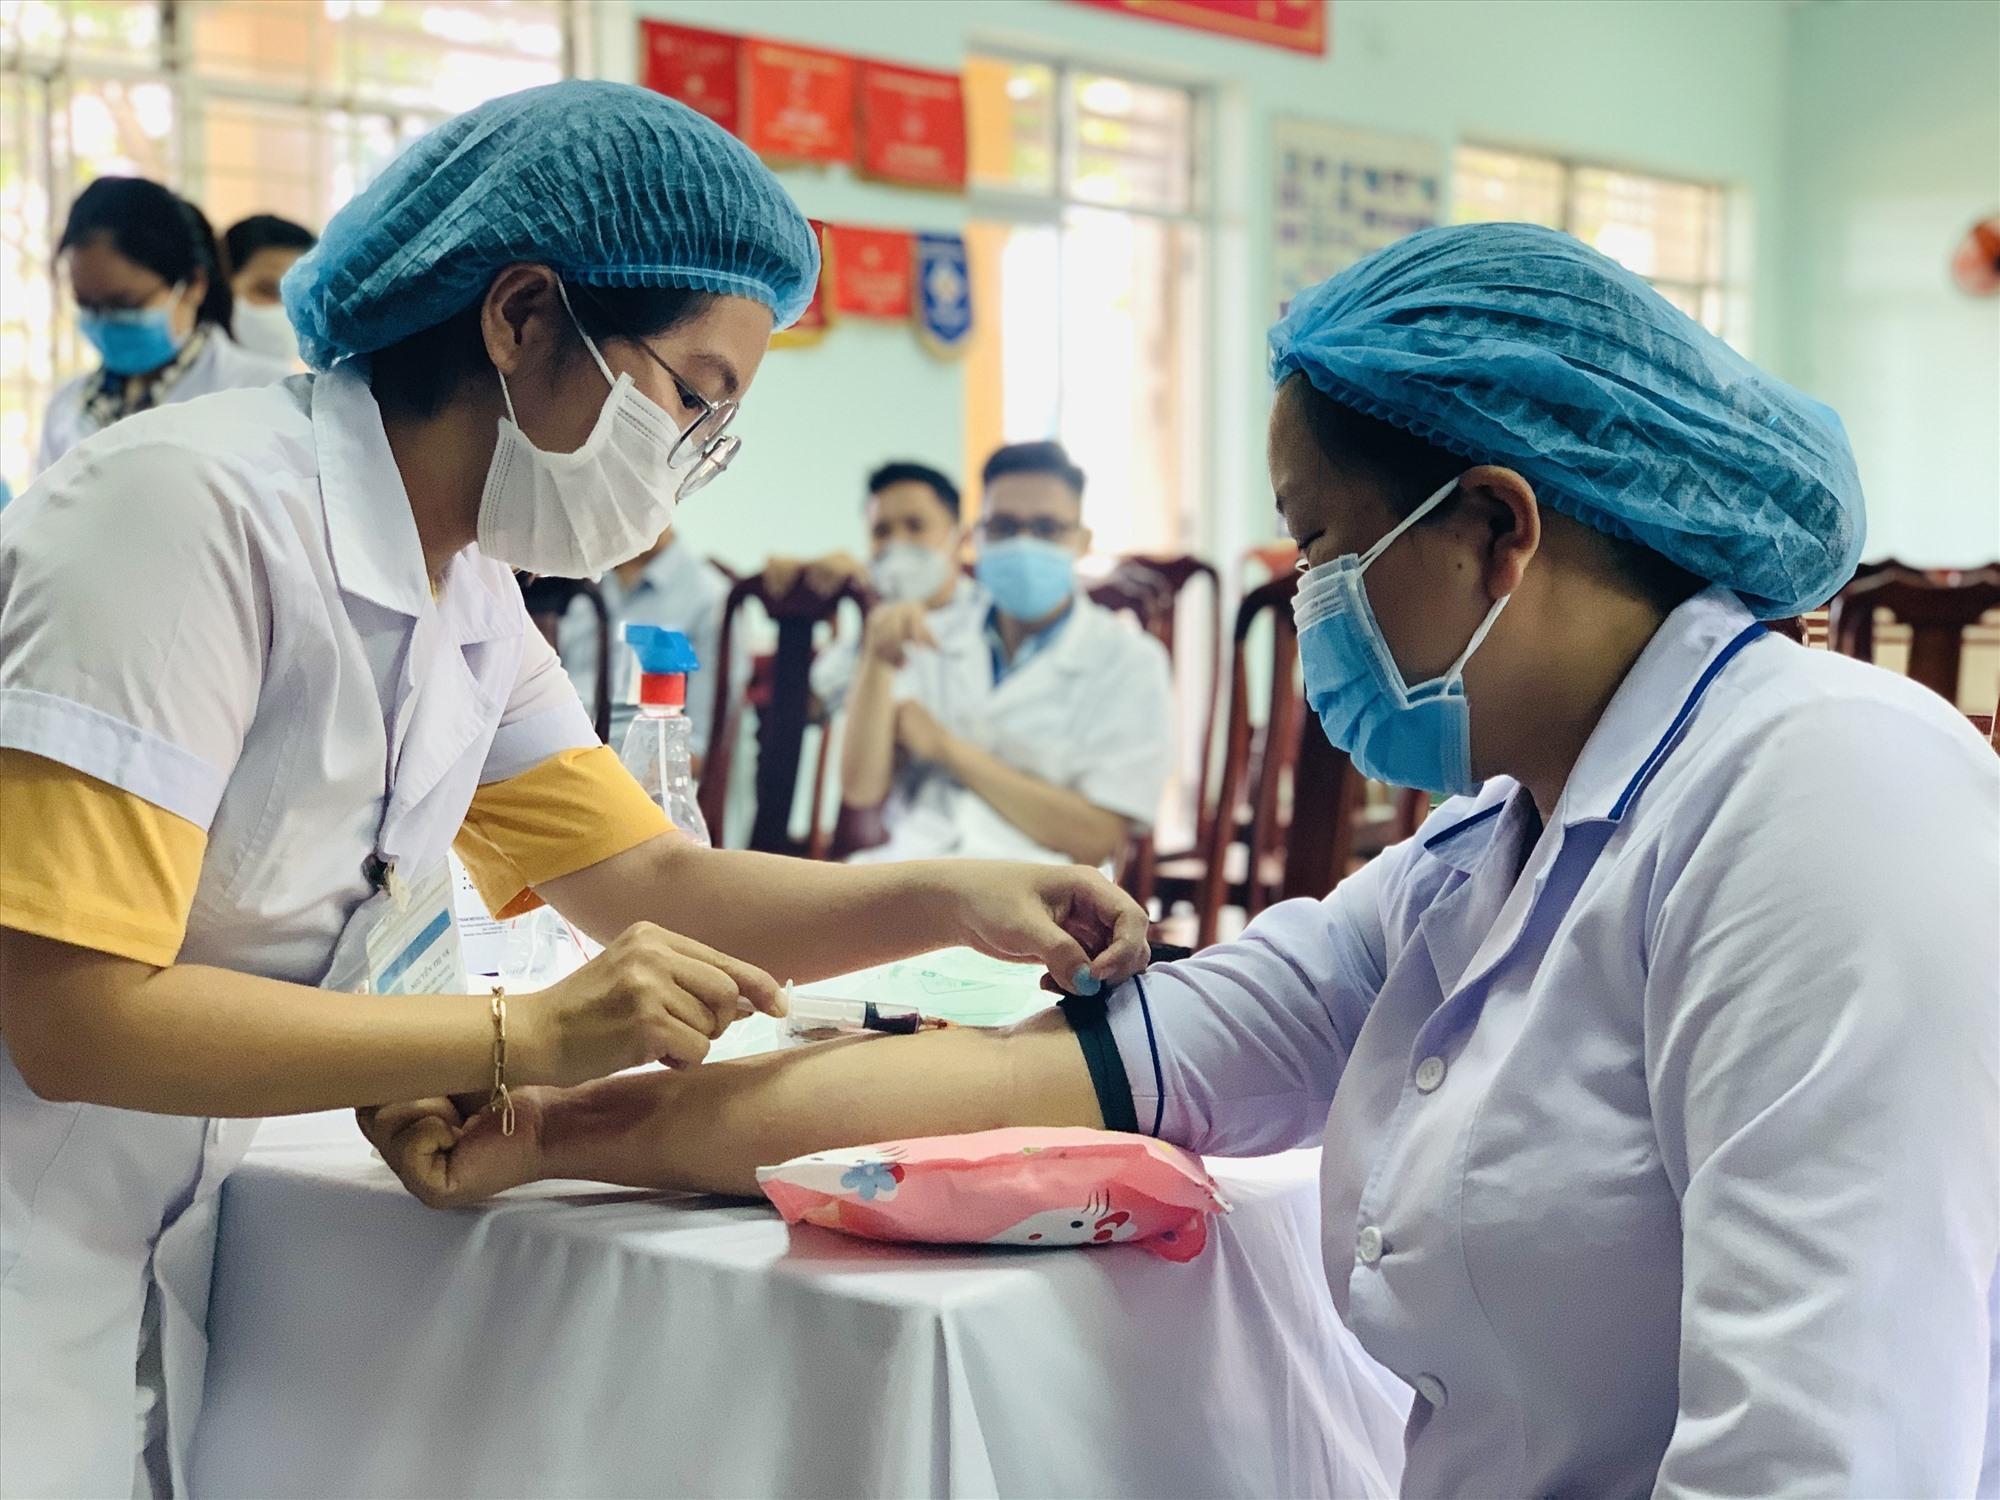 Các y bác sĩ của Trung tâm Y tế Duy Xuyên được lấy mẫu xét nghiệm Covid-19 vào sáng 13.5. Ảnh: T.L